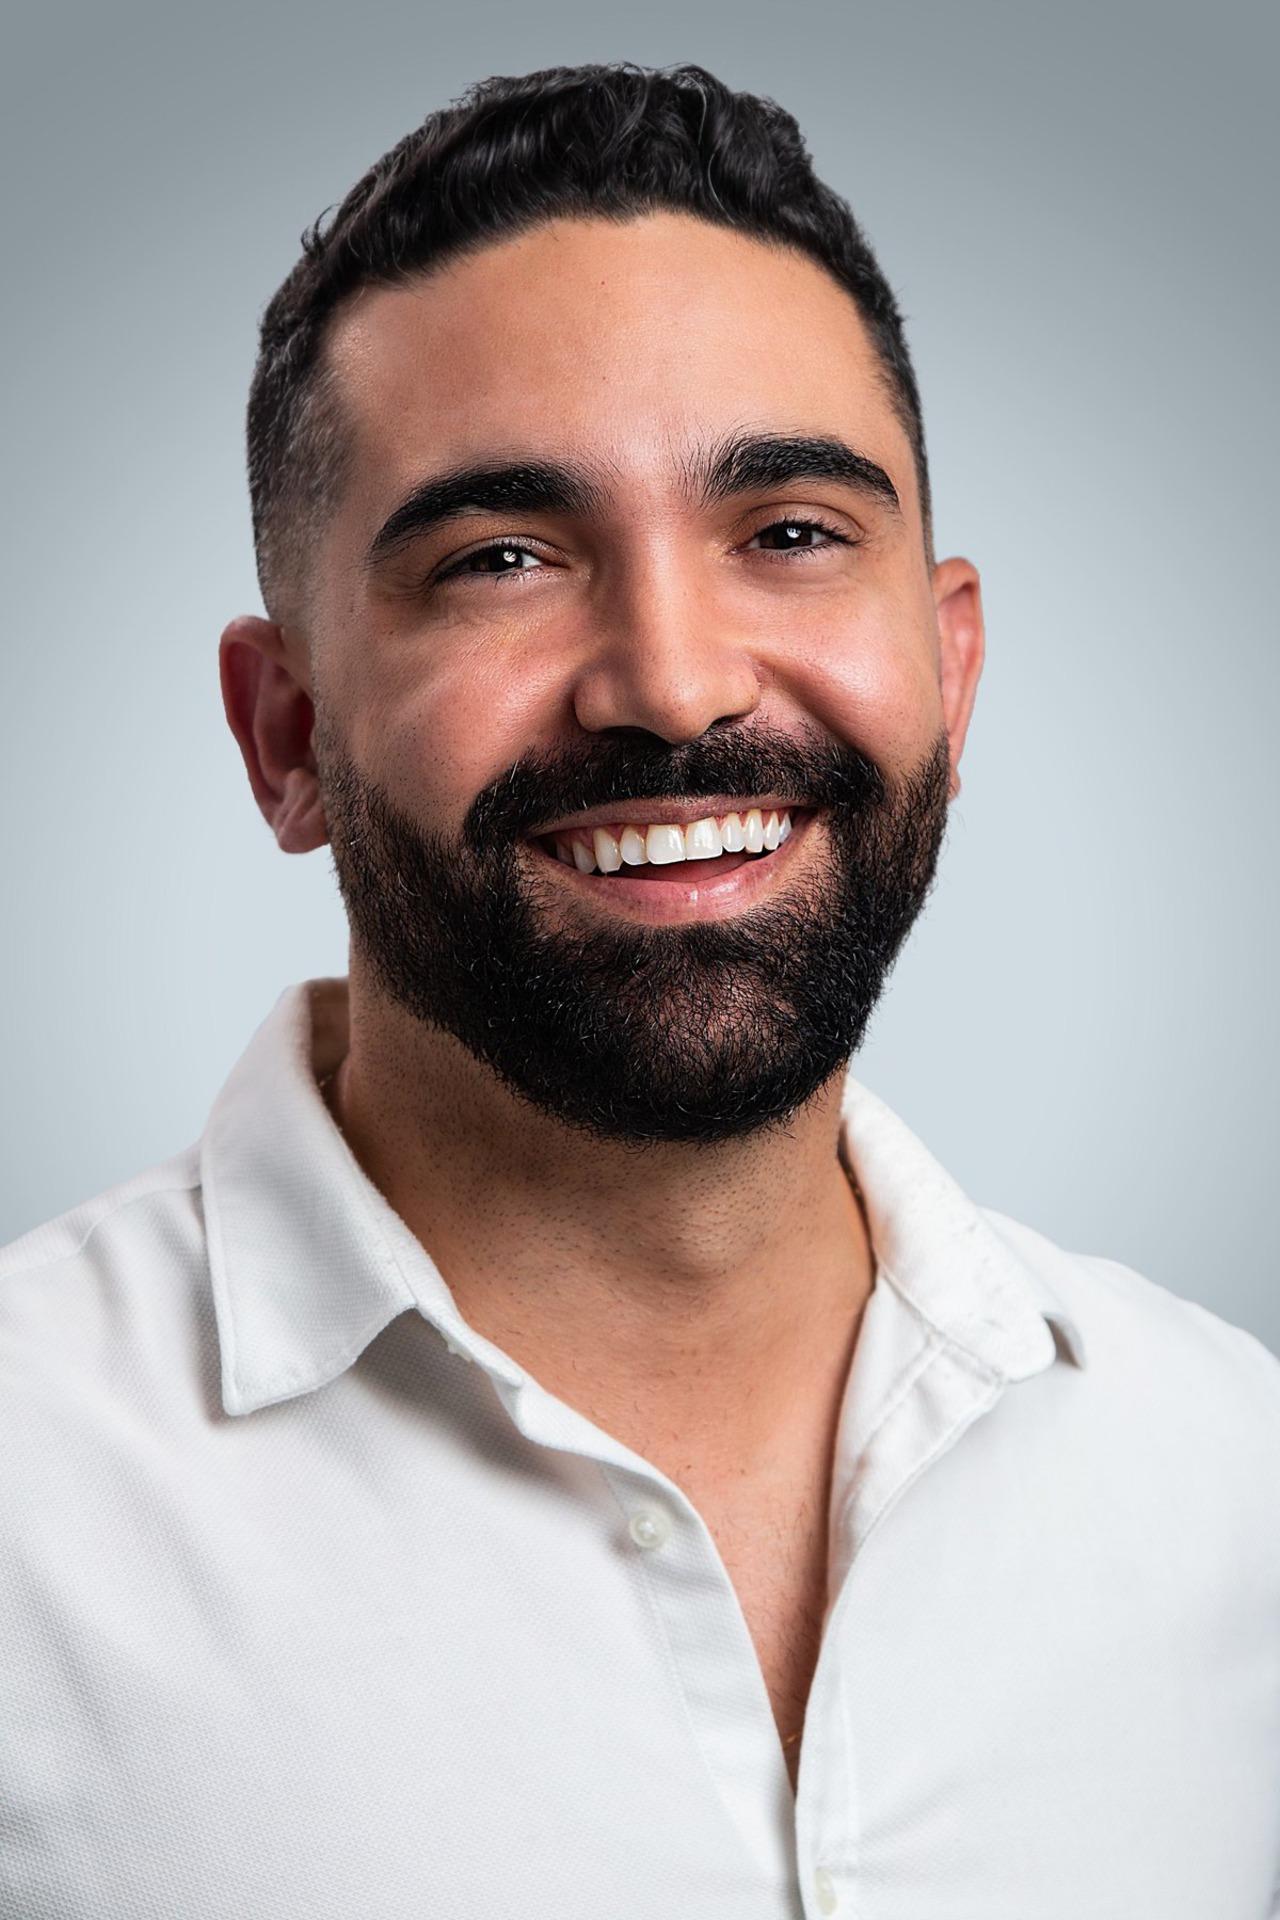 Wilton Rêgo | Cirurgião Dentista |  Retrato Corporativo em Salvador | Icaro Cerqueira Fotografia